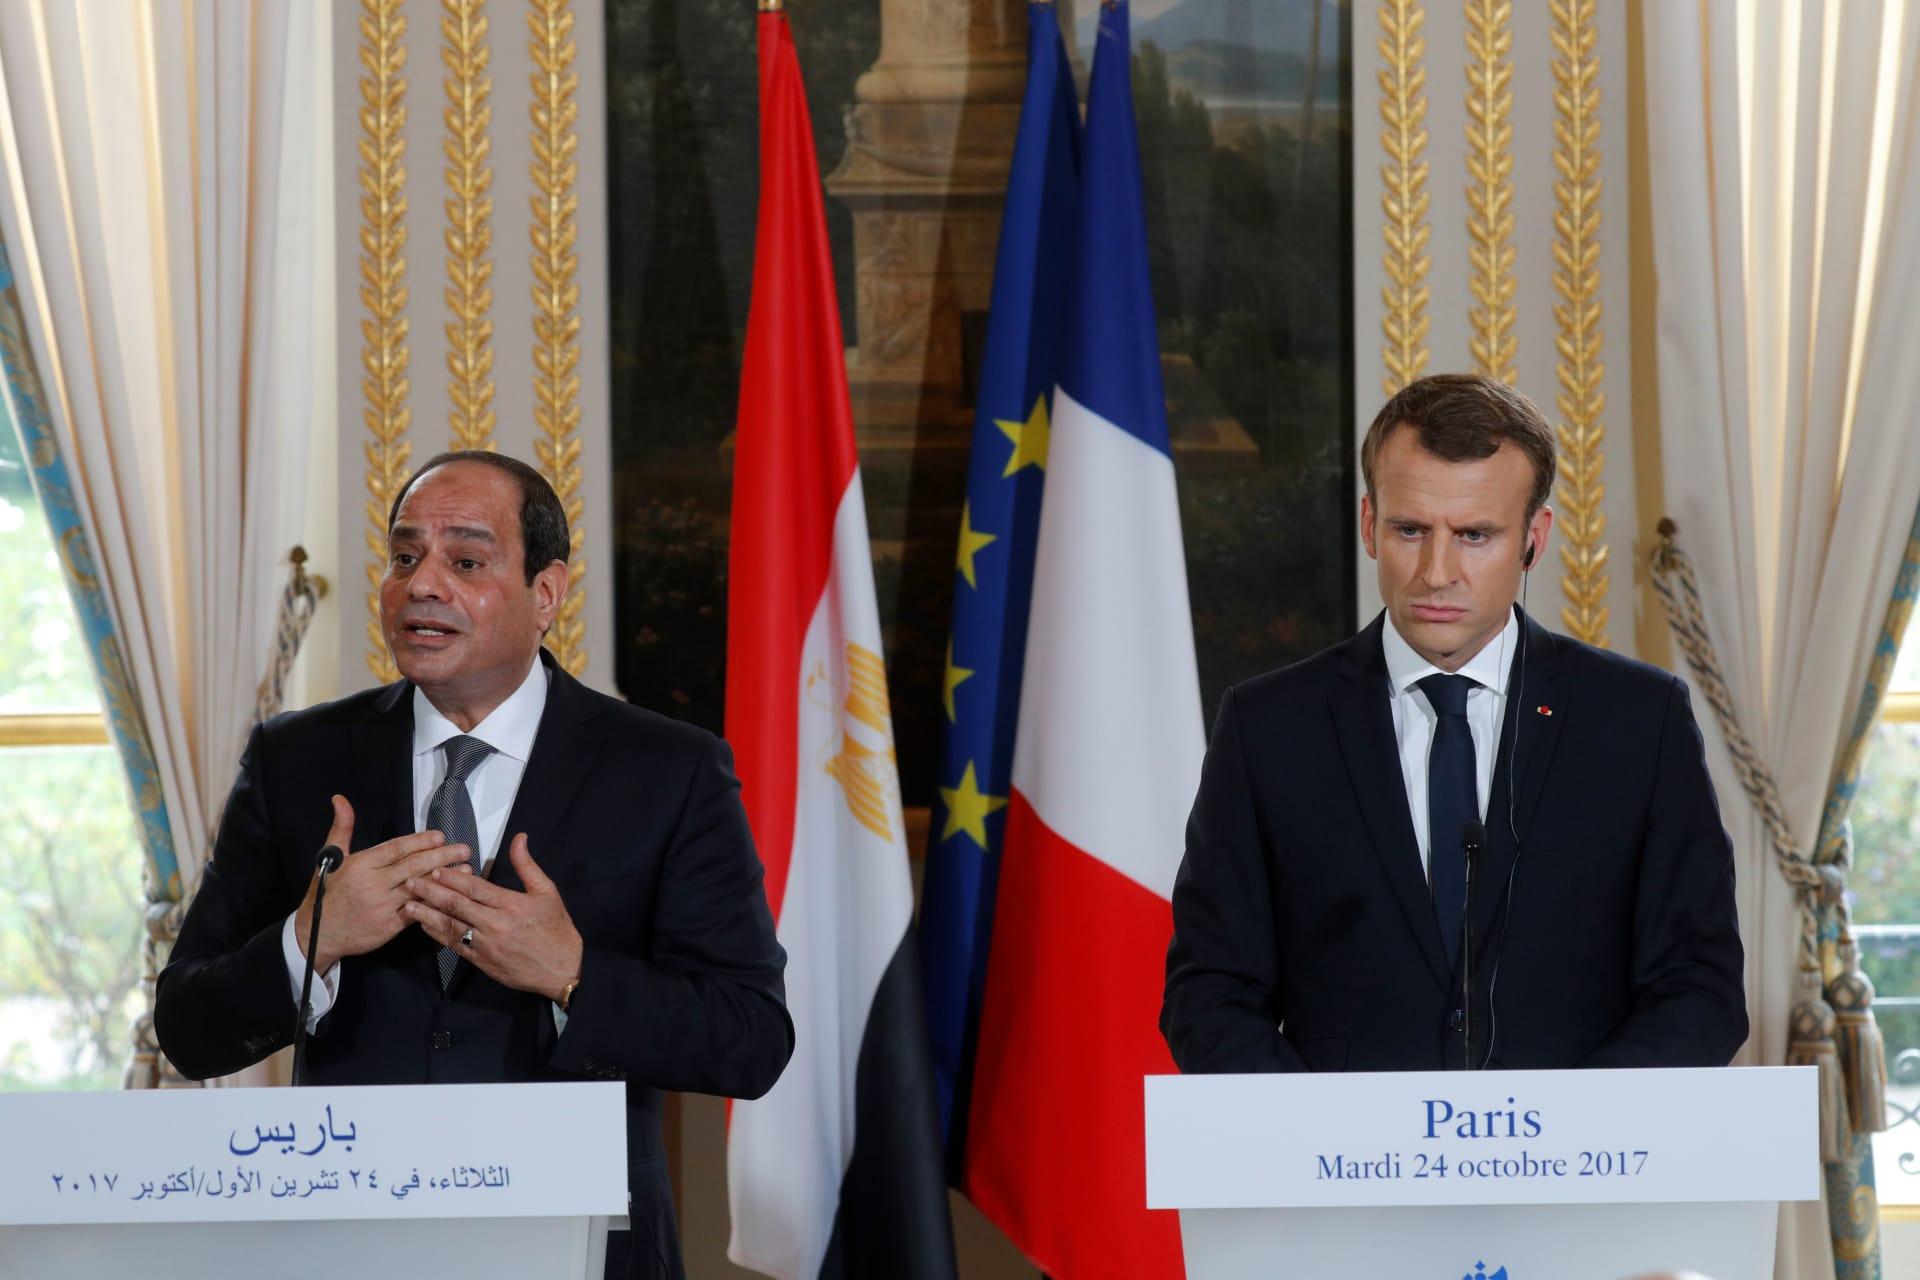 الرئيس الفرنسي إيمانويل ماكرون ونظيره المصري عبد الفتاح السيسي في مؤتمر صحفي